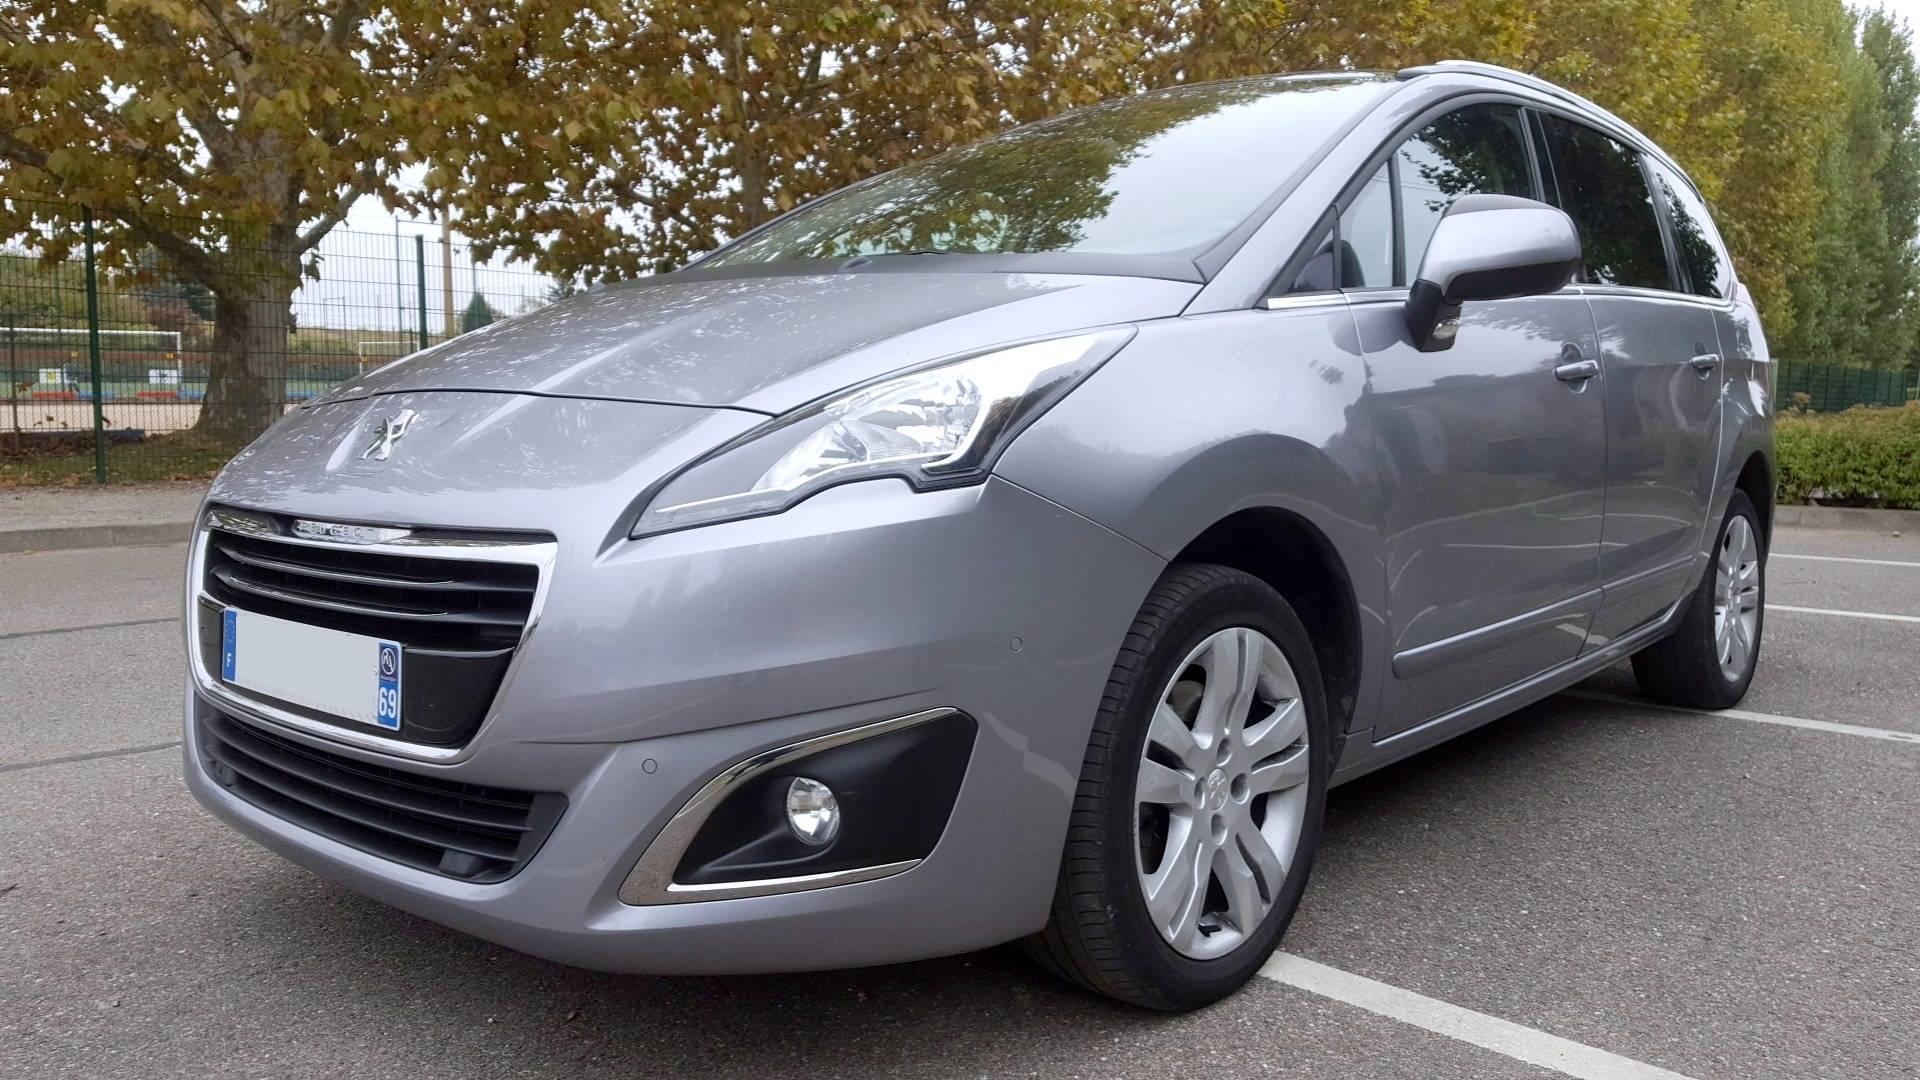 Peugeot 5008 d 39 occasion generation i 1 6 bluehdi 120 - Acheter une voiture d occasion dans un garage ...